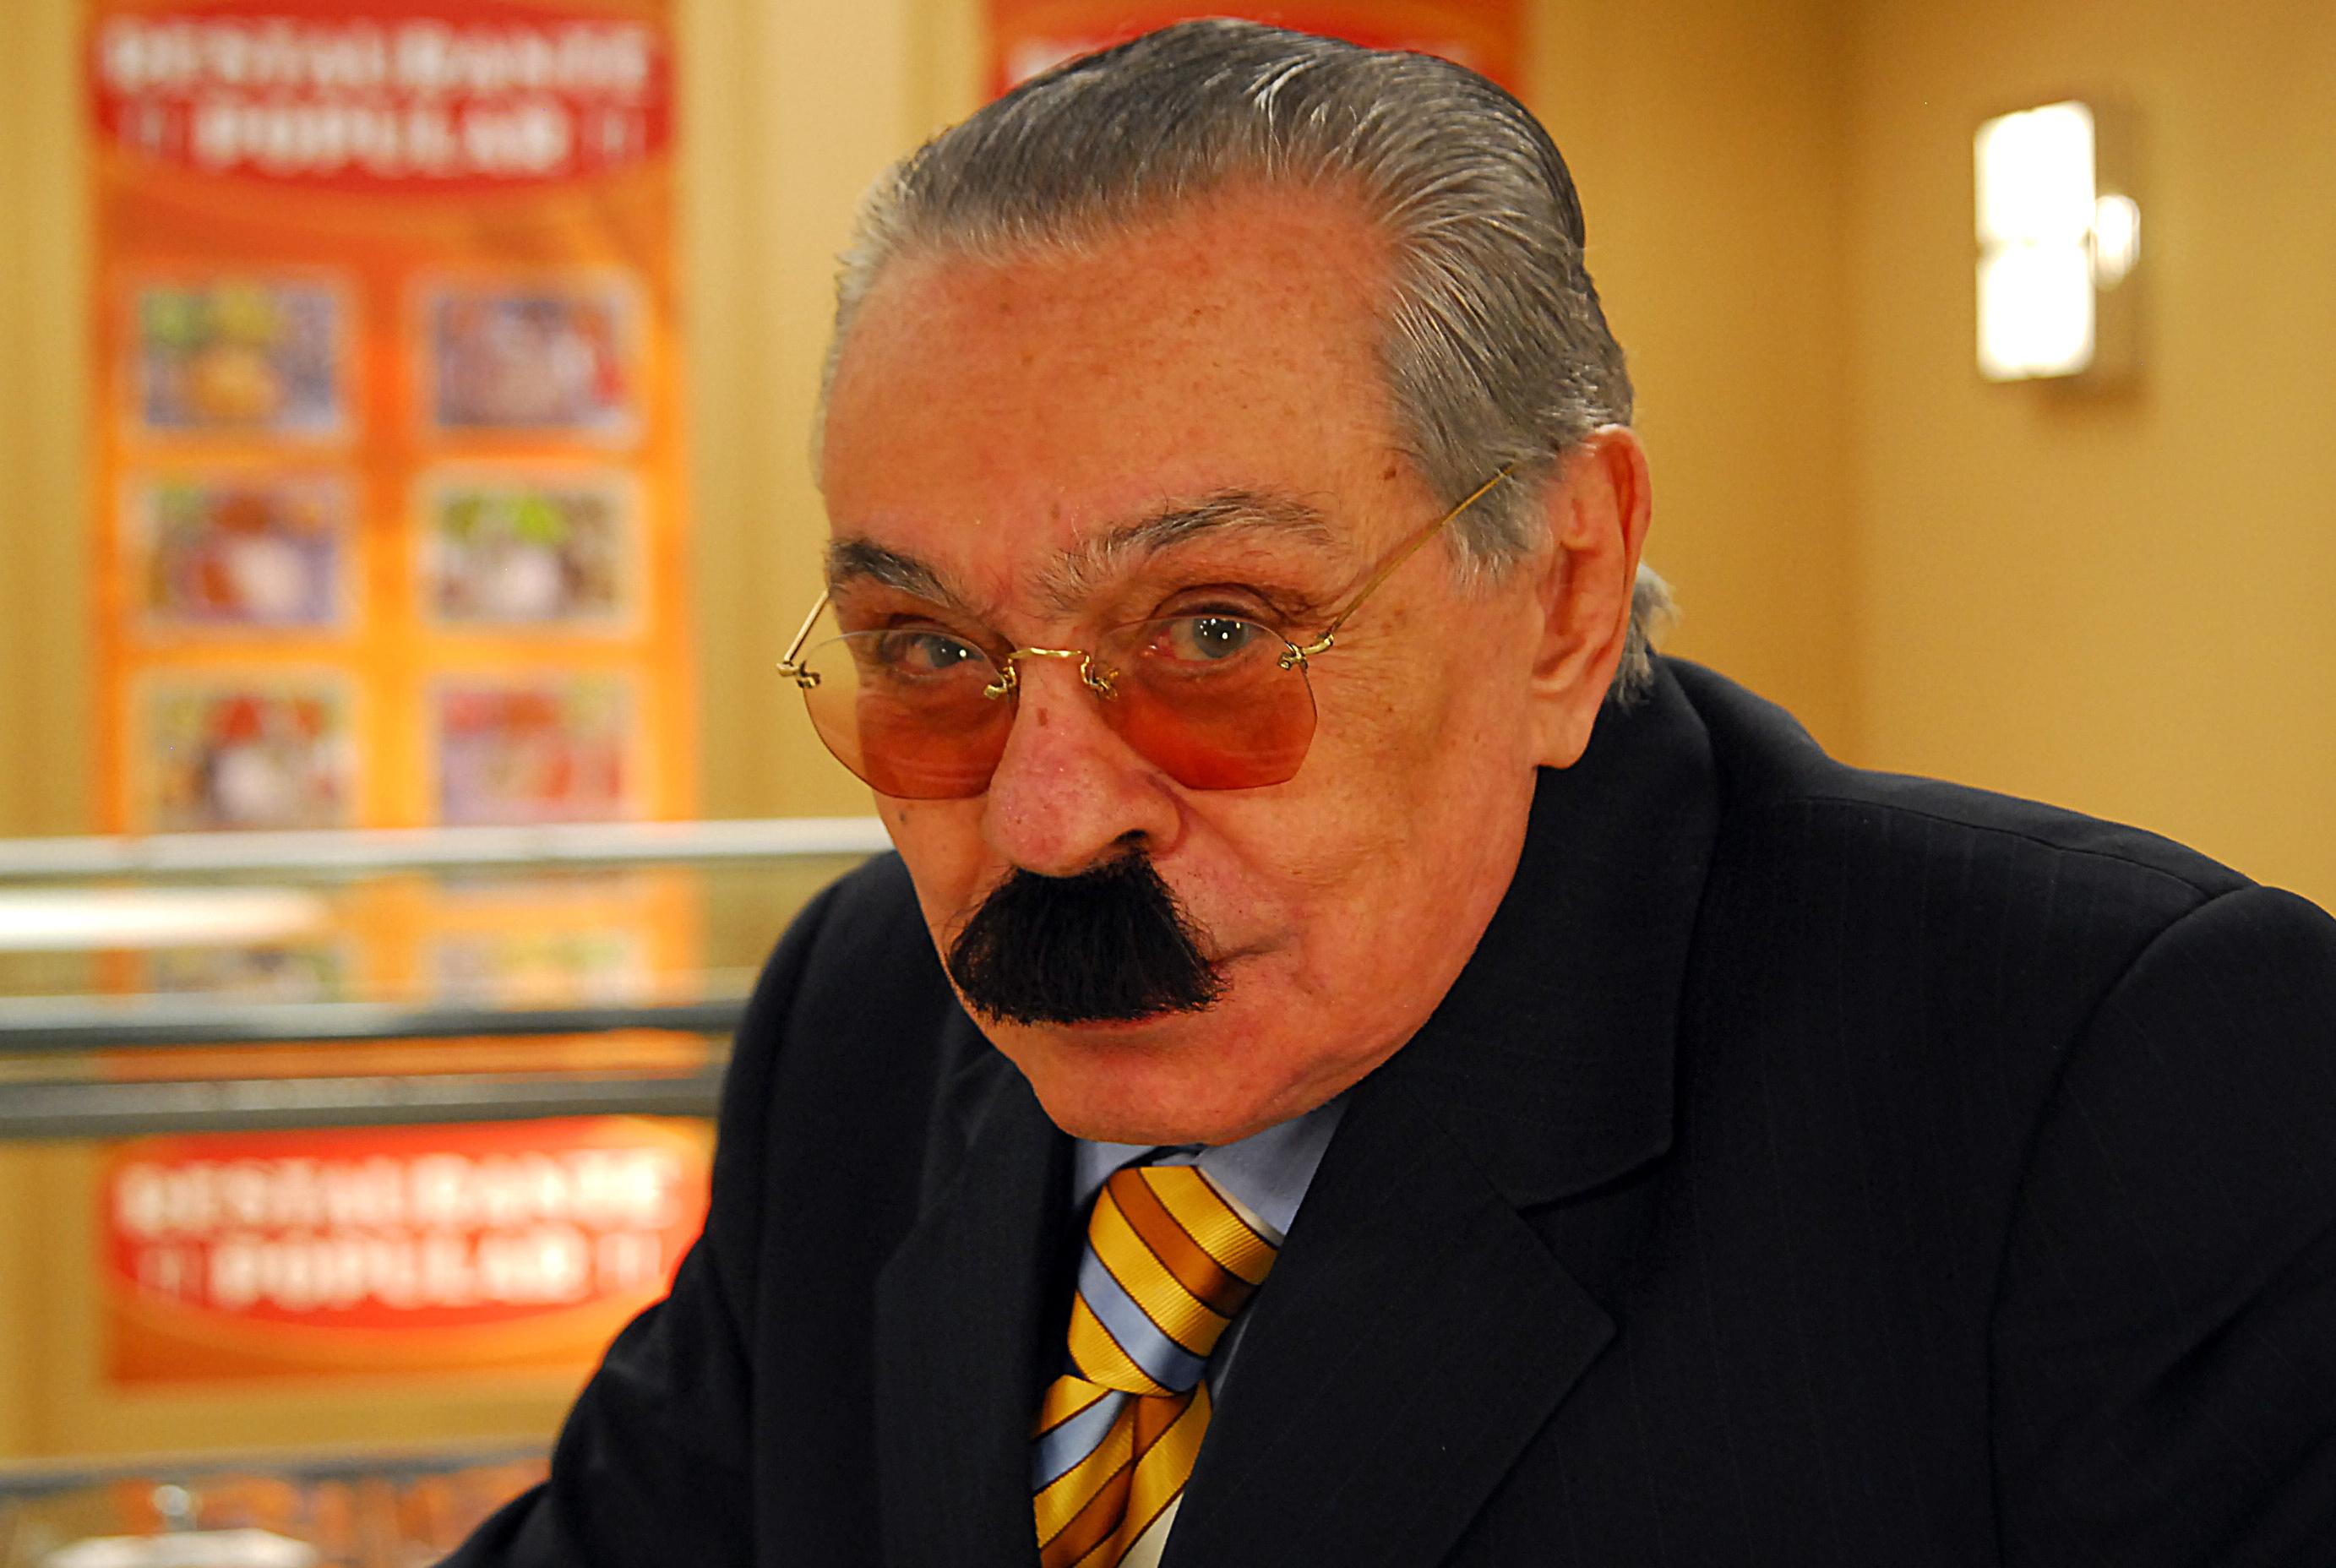 HUMOR/VÍDEO: EM TEMPOS DE BRASIL DEMOCRÁTICO, SEGUE O CURRICULUM VITAE DO DEPUTADO FEDERAL JUSTO VERÍSSIMO (*)